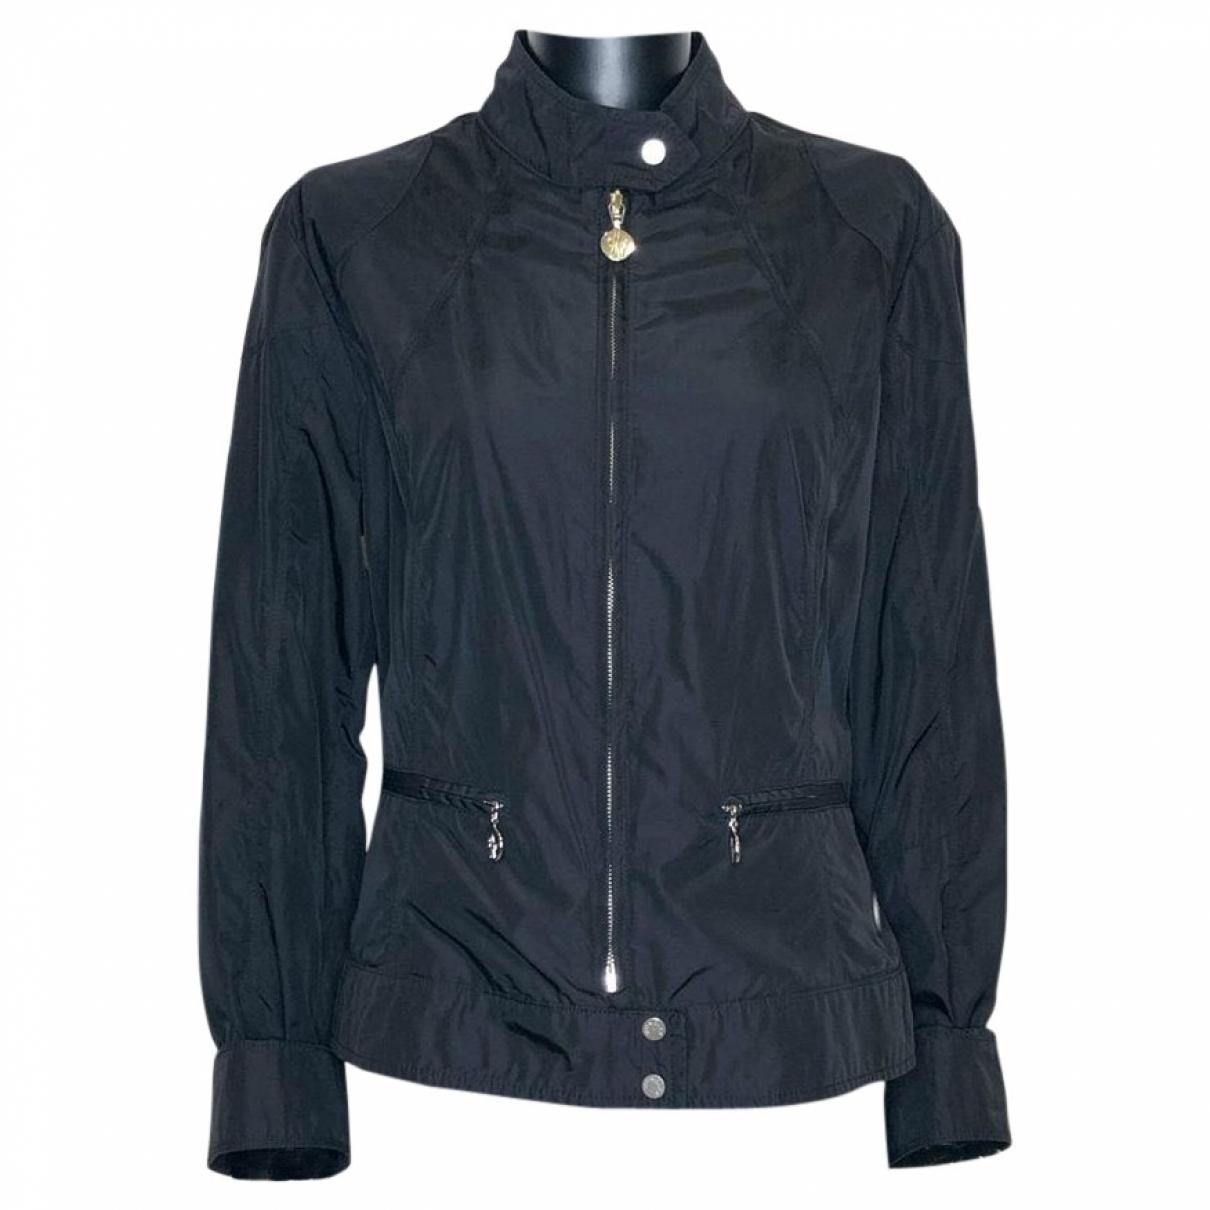 Moncler \N Black jacket for Women 2 0-5